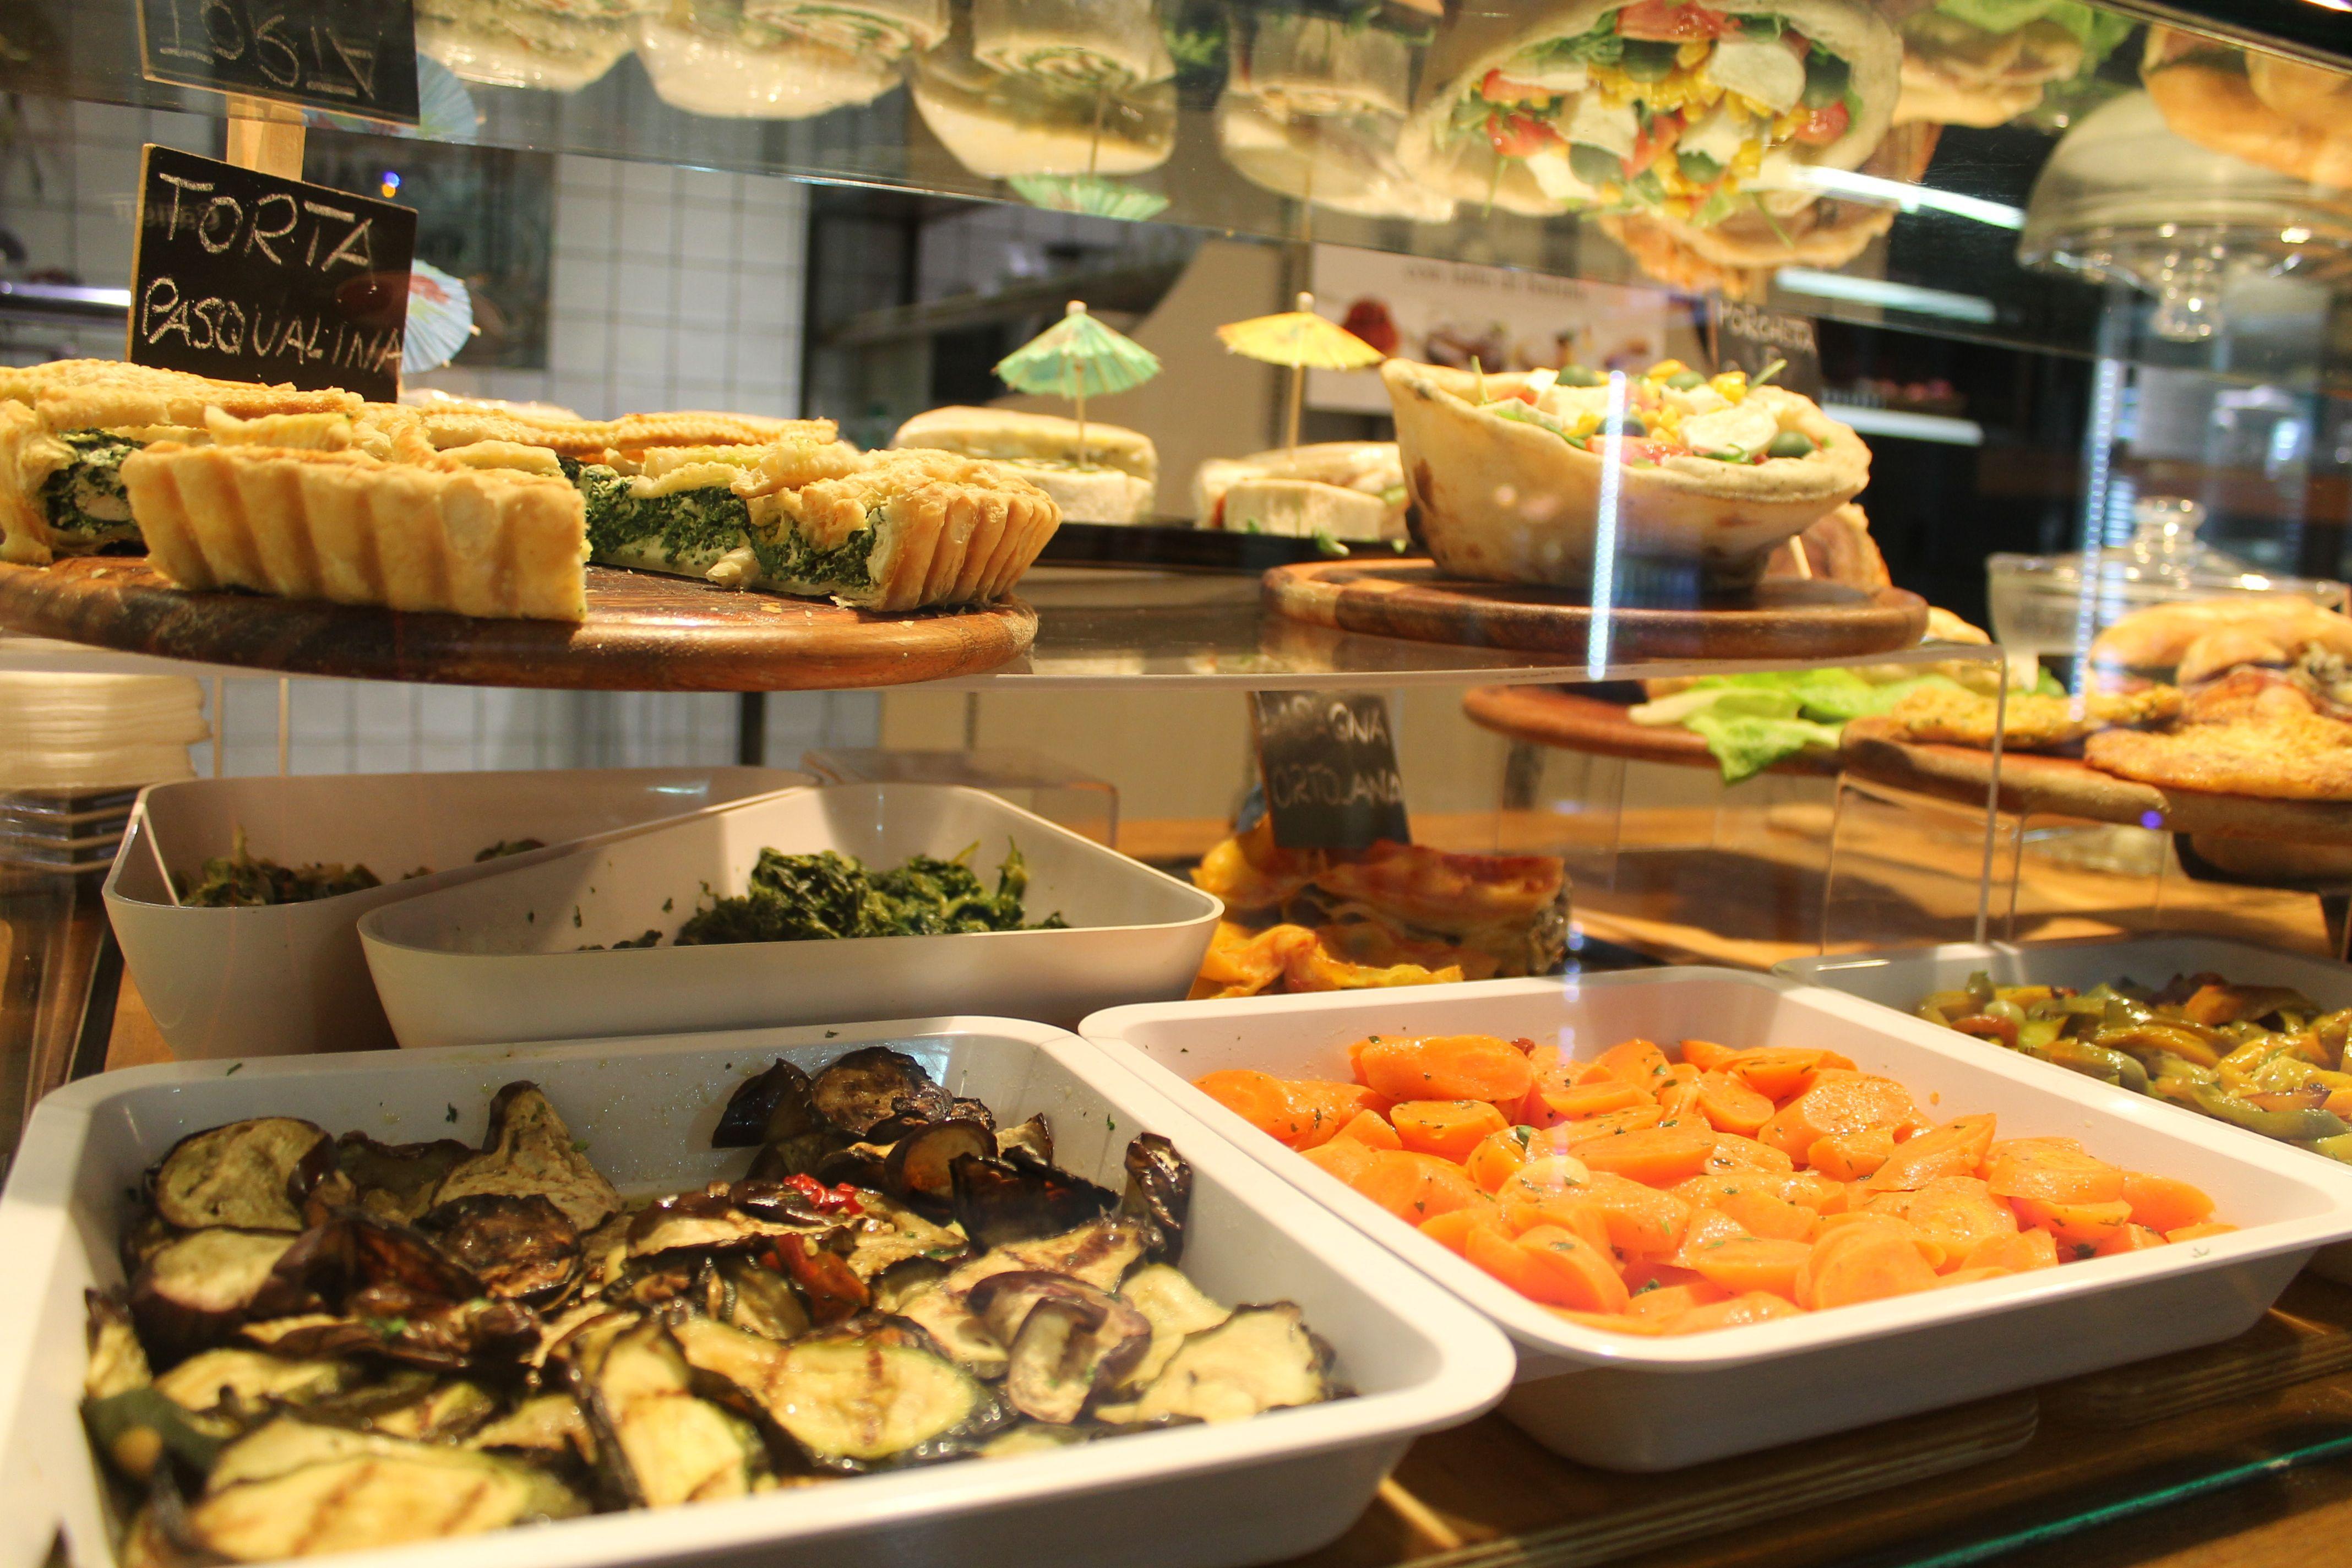 #verdure #quiche #BinarioCalmo #cucinanapoletana